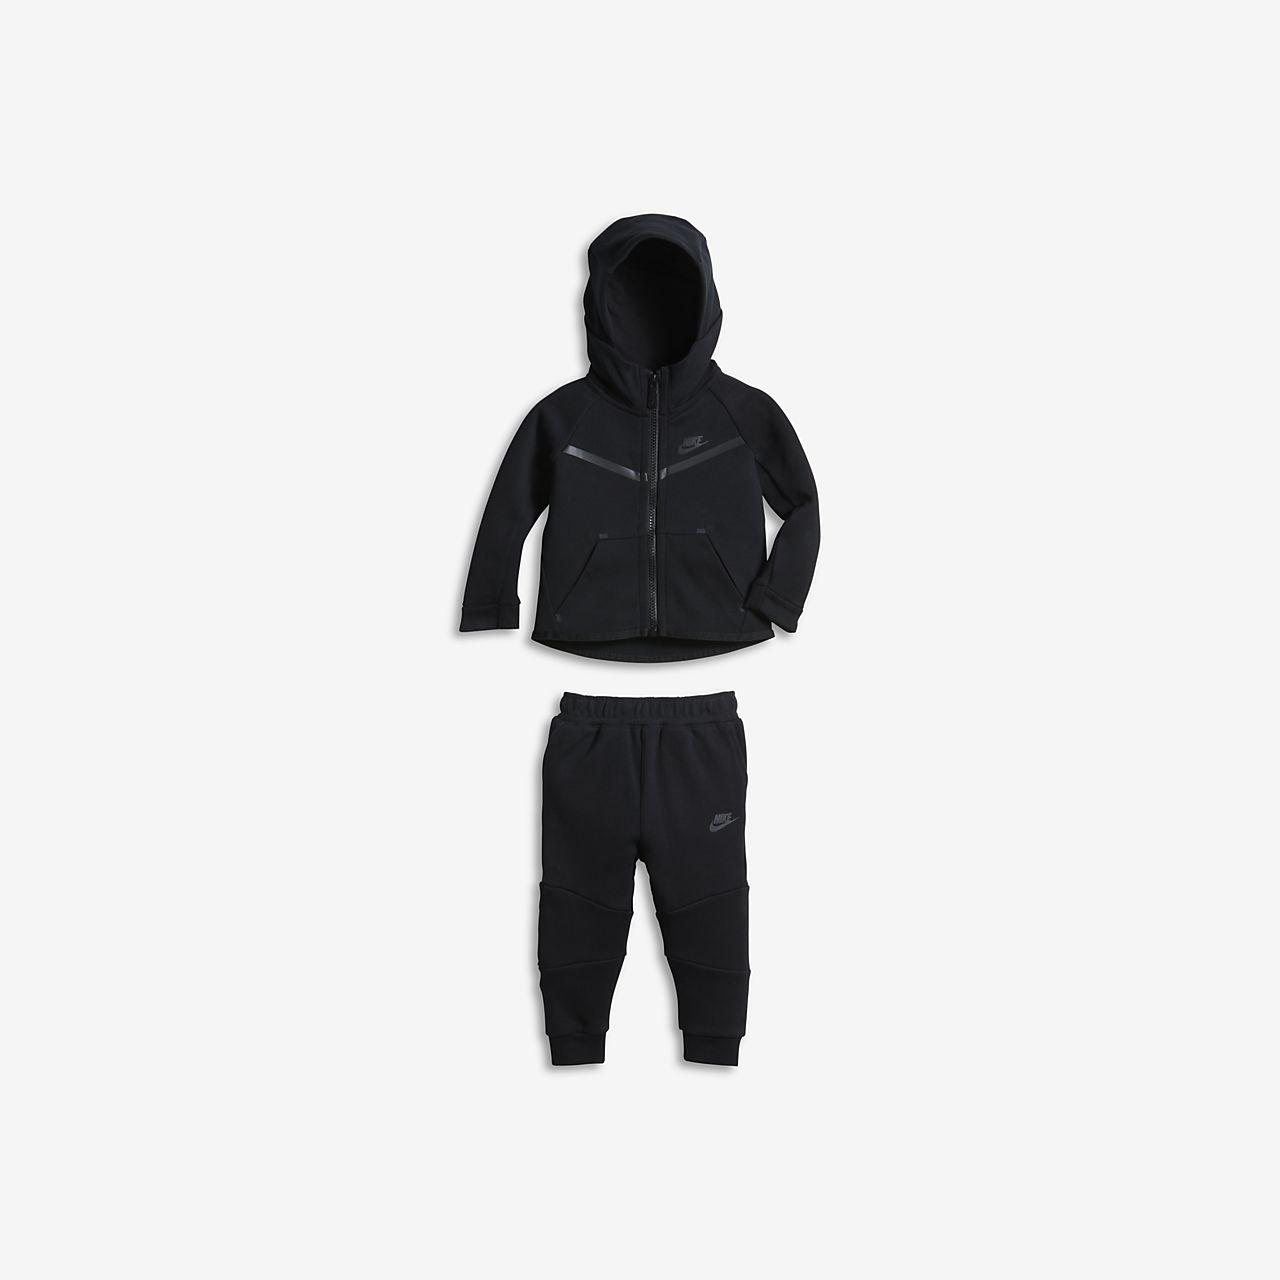 Nike Tech Fleece Conjunto de pantalón y sudadera con capucha - Bebé (12-24M)